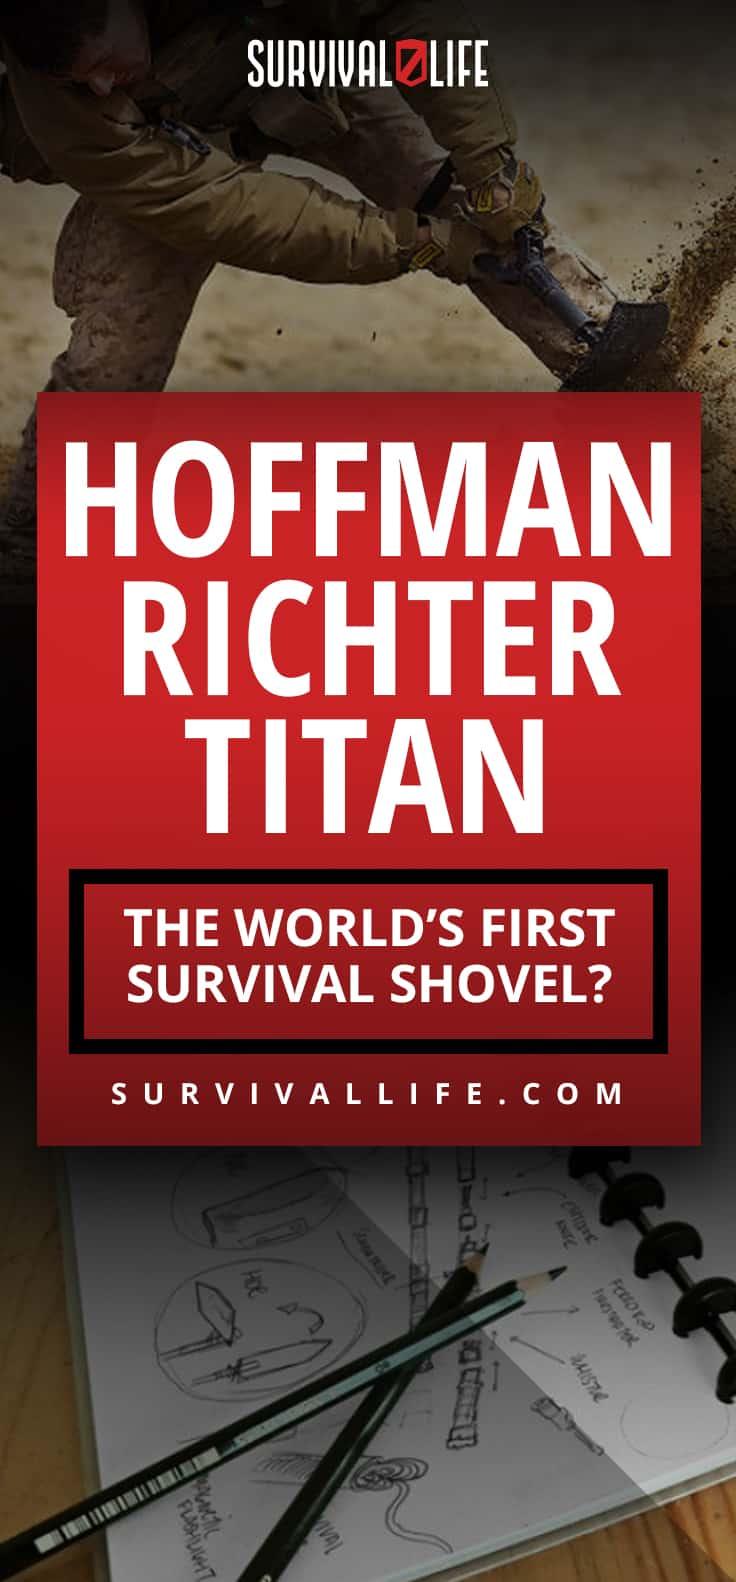 Hoffman Richter TITAN- The world's First Survival Shovel?